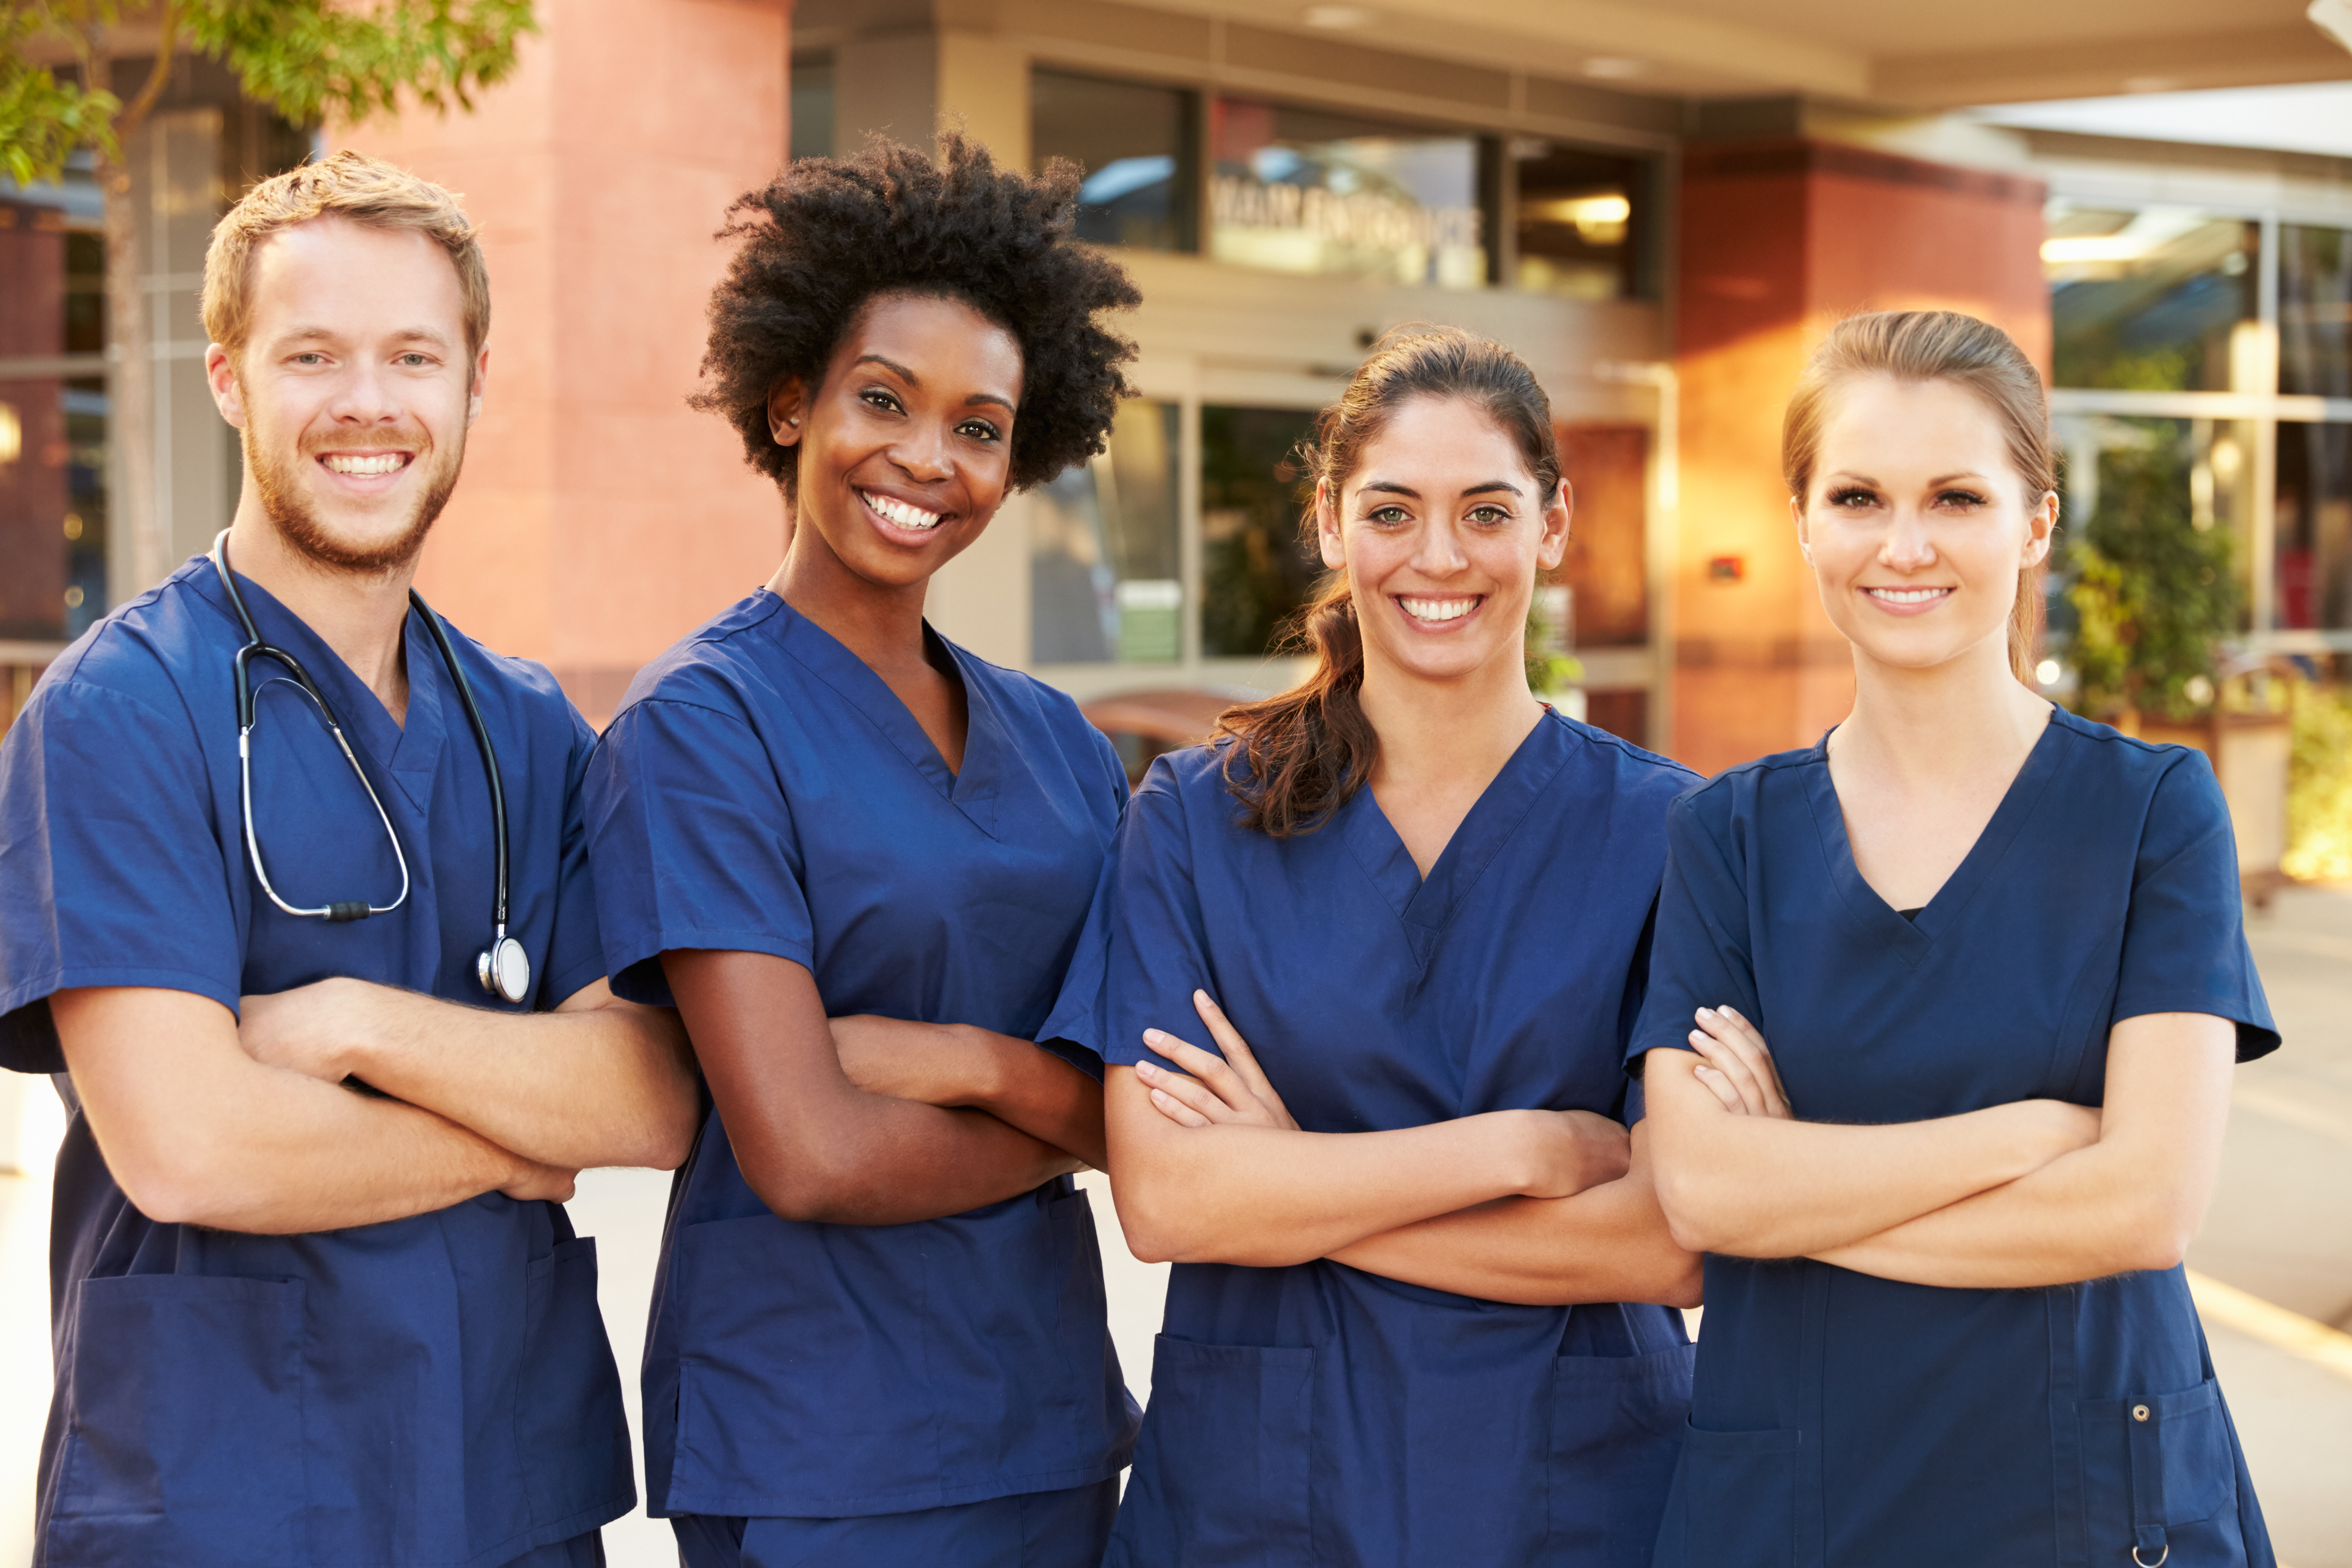 Nurses 6-1